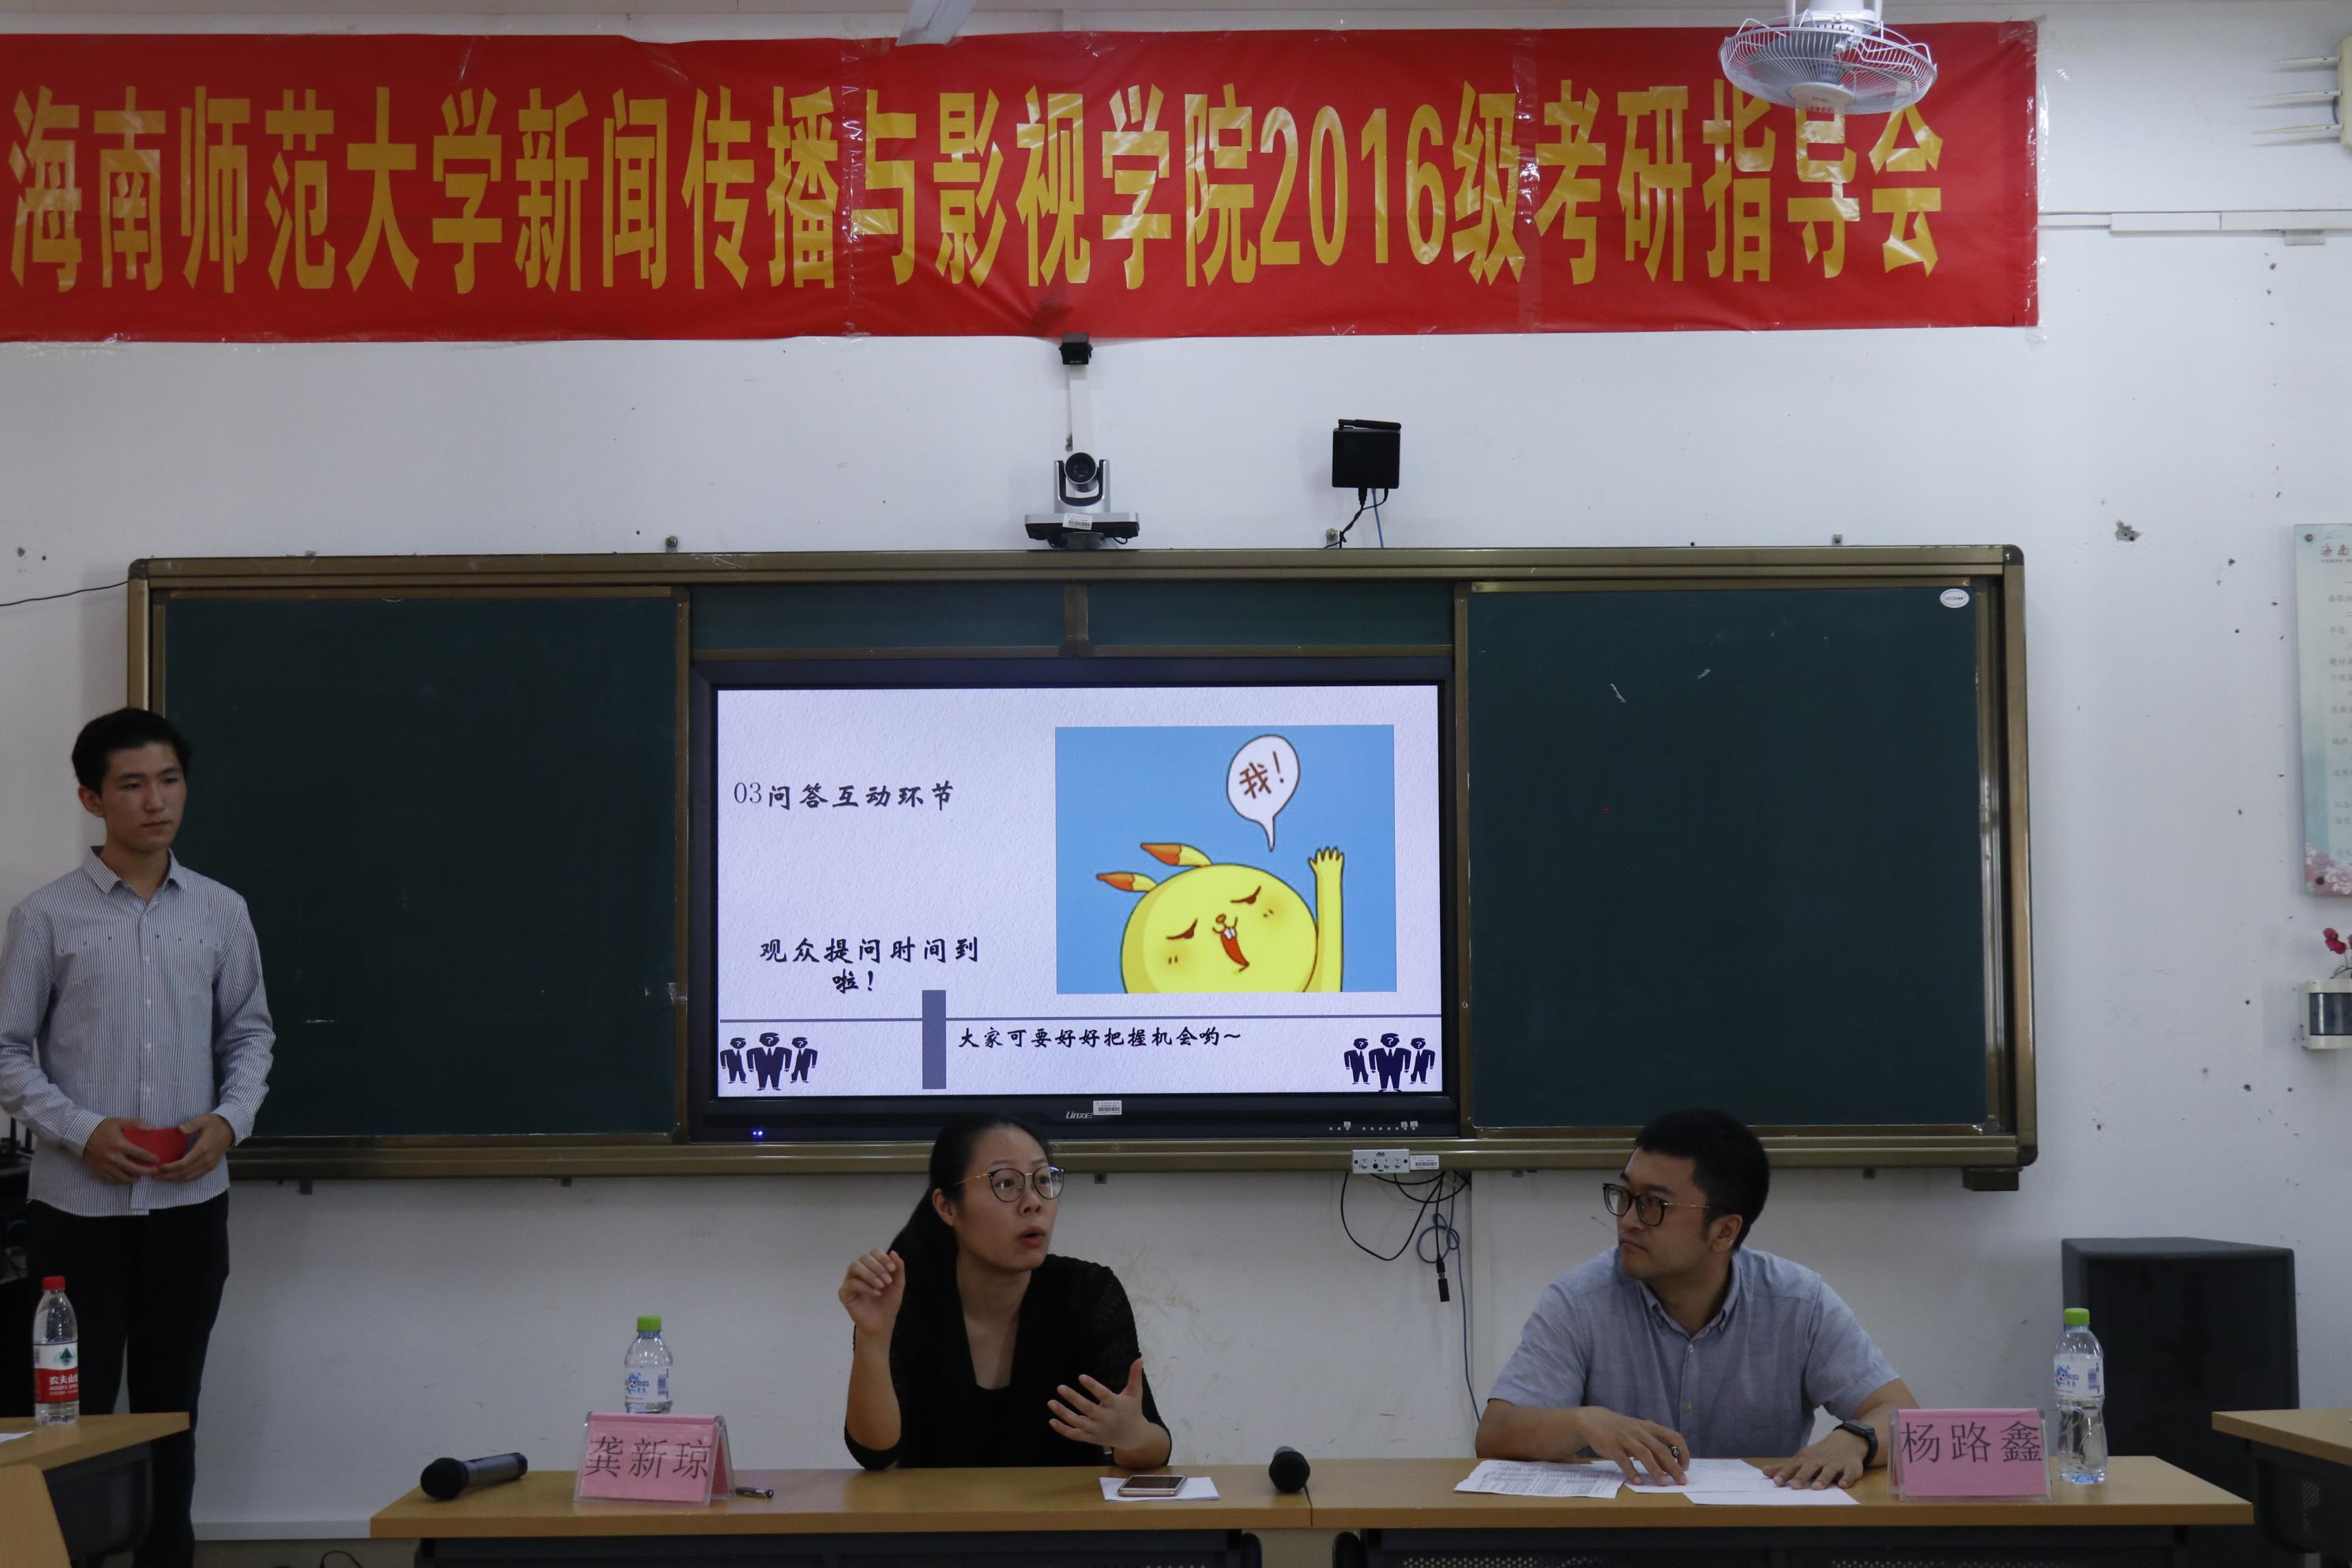 青年之声·新闻传播与影视学院举办考研报考辅导会